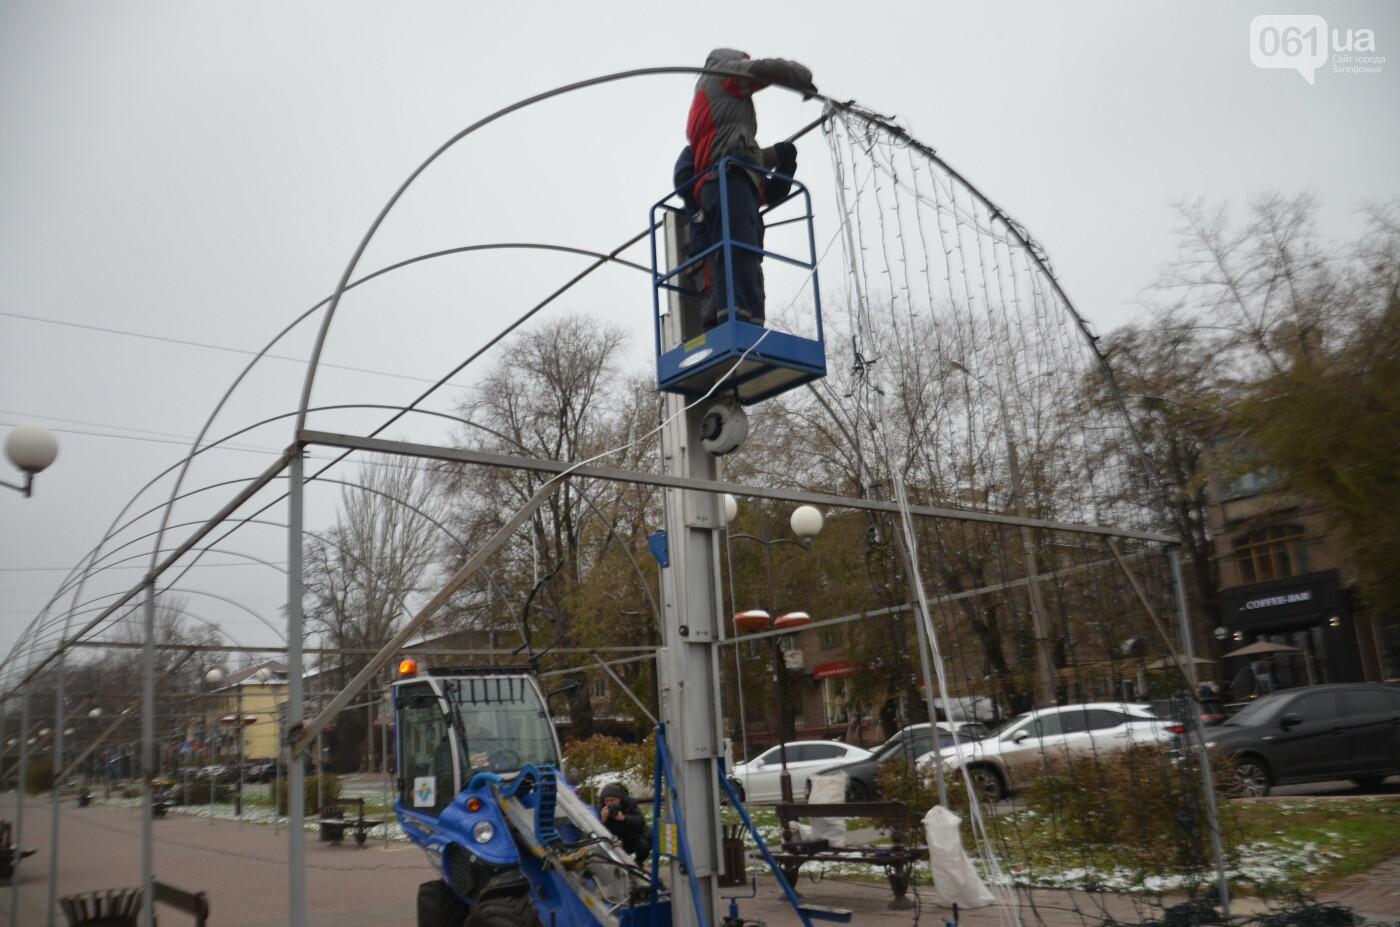 В Запорожье на бульваре Шевченко начали монтировать новогодний городок на БШ за 1,8 миллиона гривен, фото-22